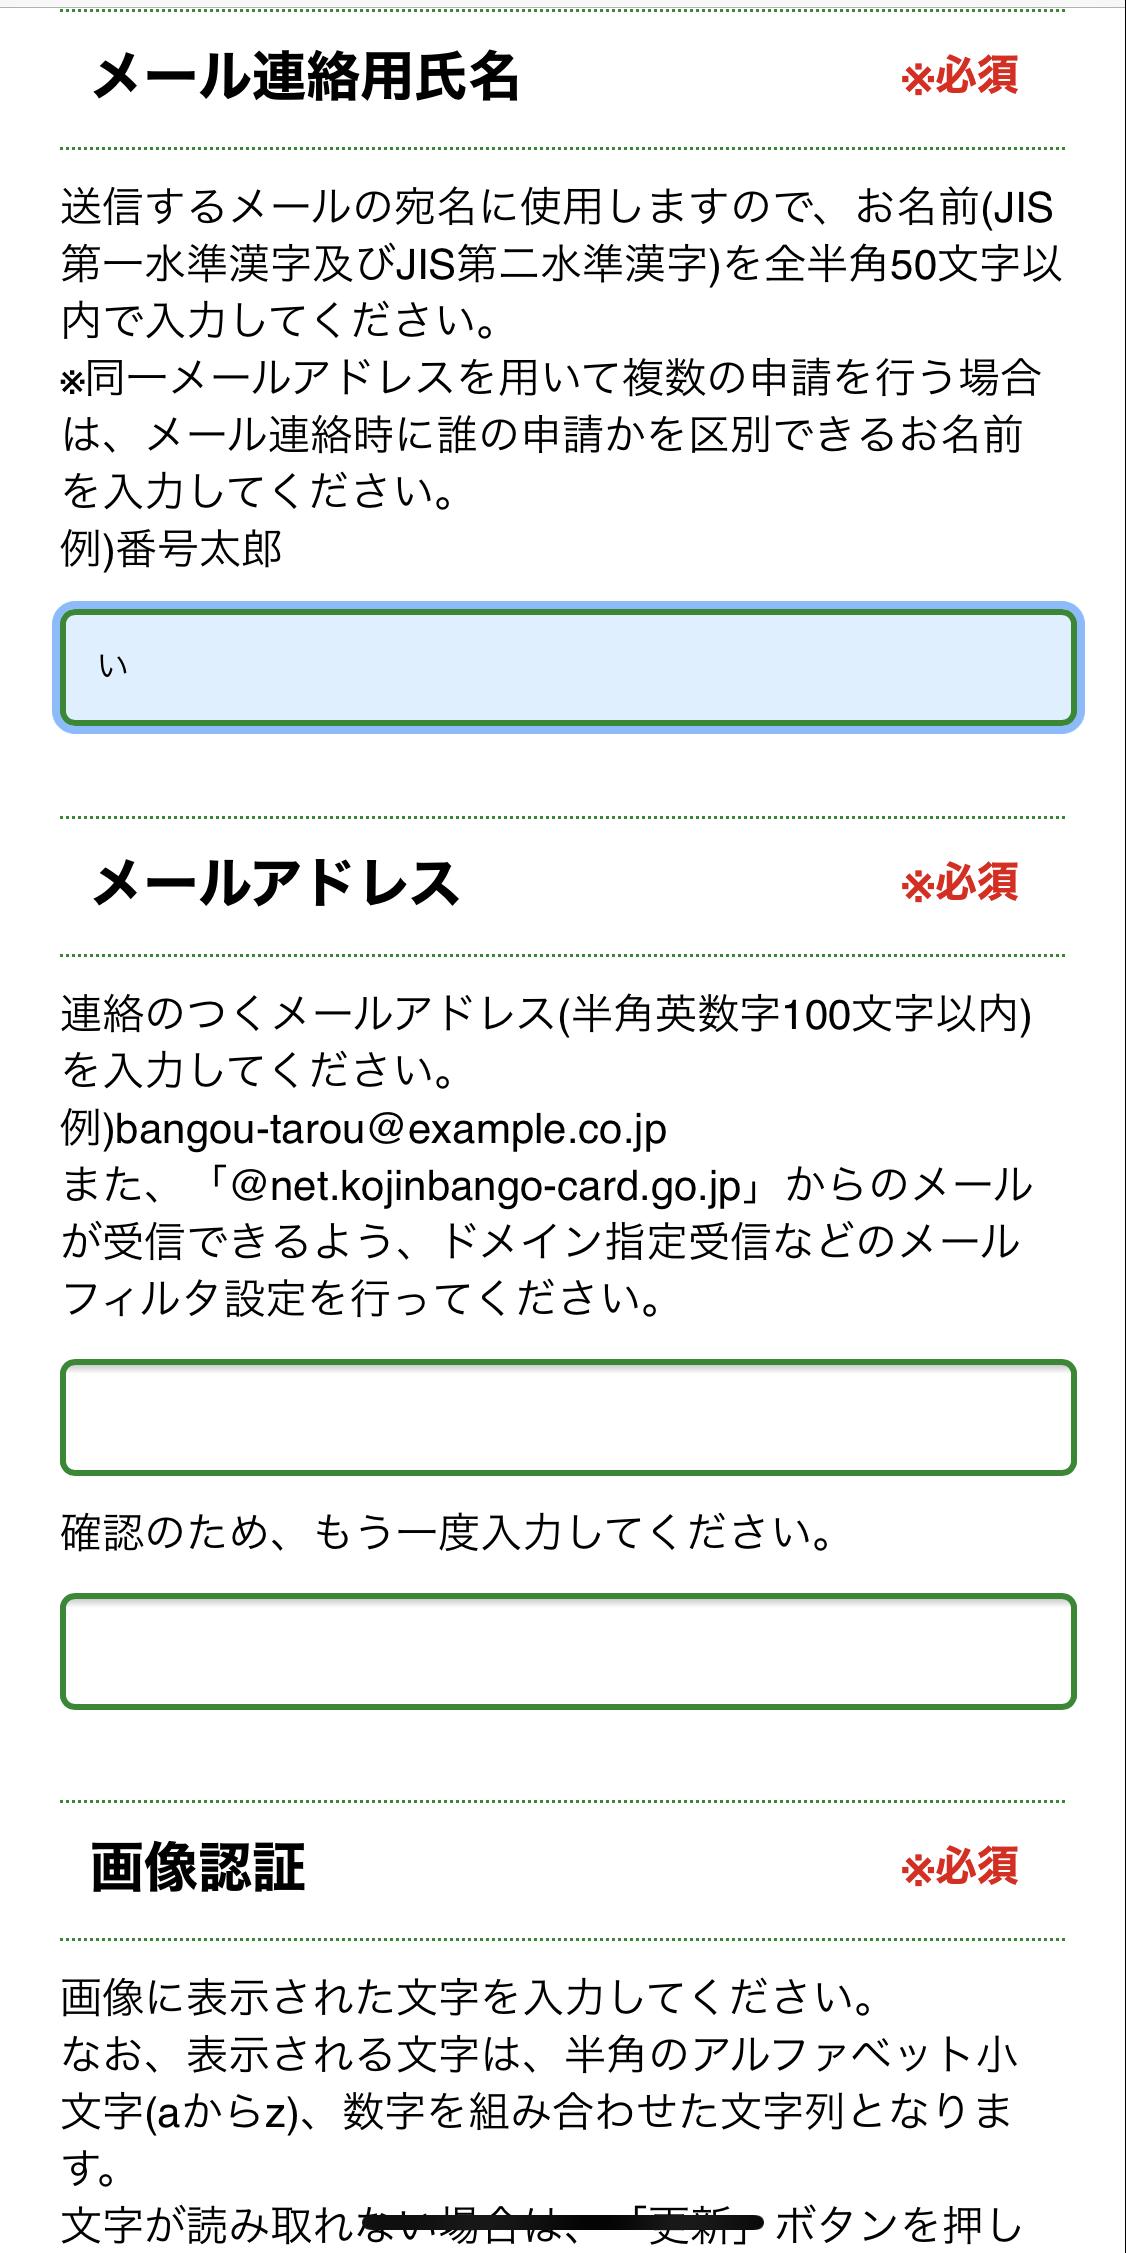 マイナンバー申請2